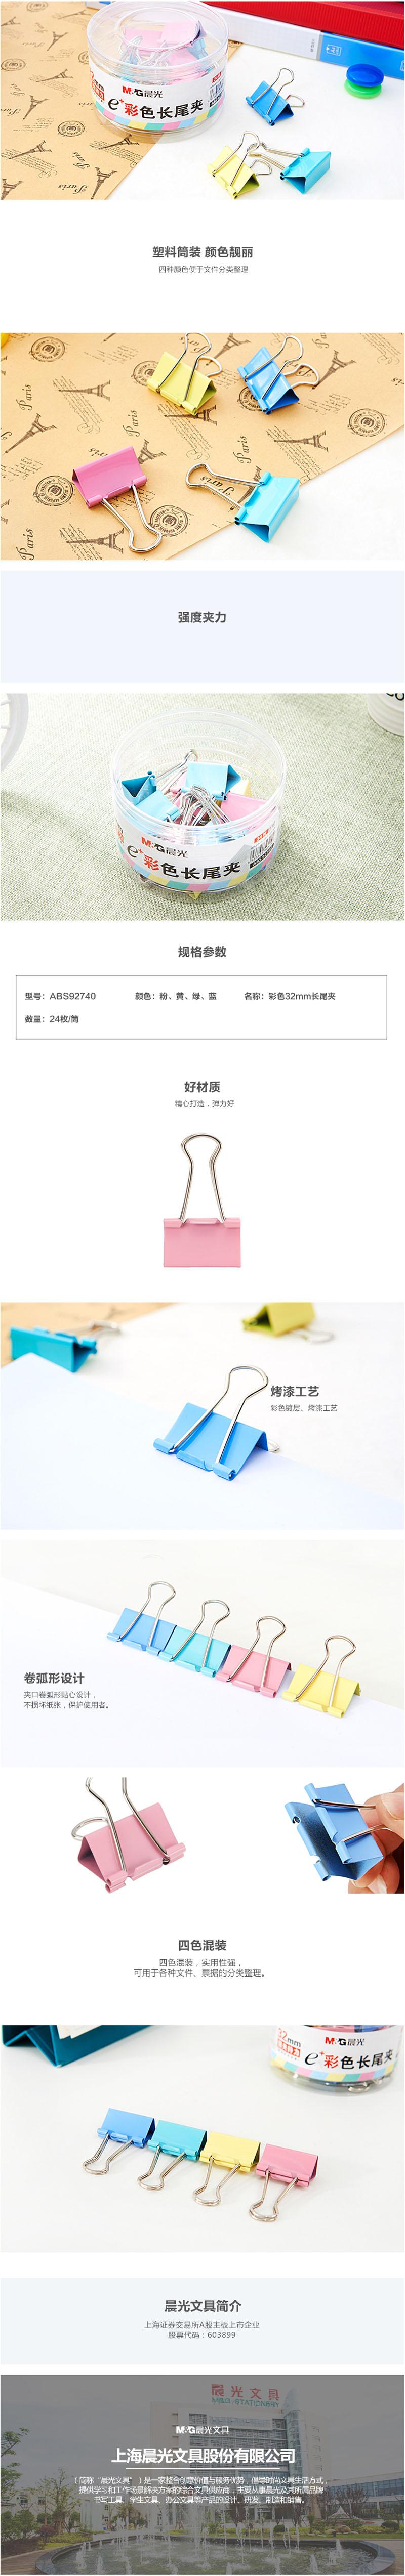 晨光(M&G)Eplus系列32mm彩色长尾夹燕尾夹票据夹 24只罐ABS92740